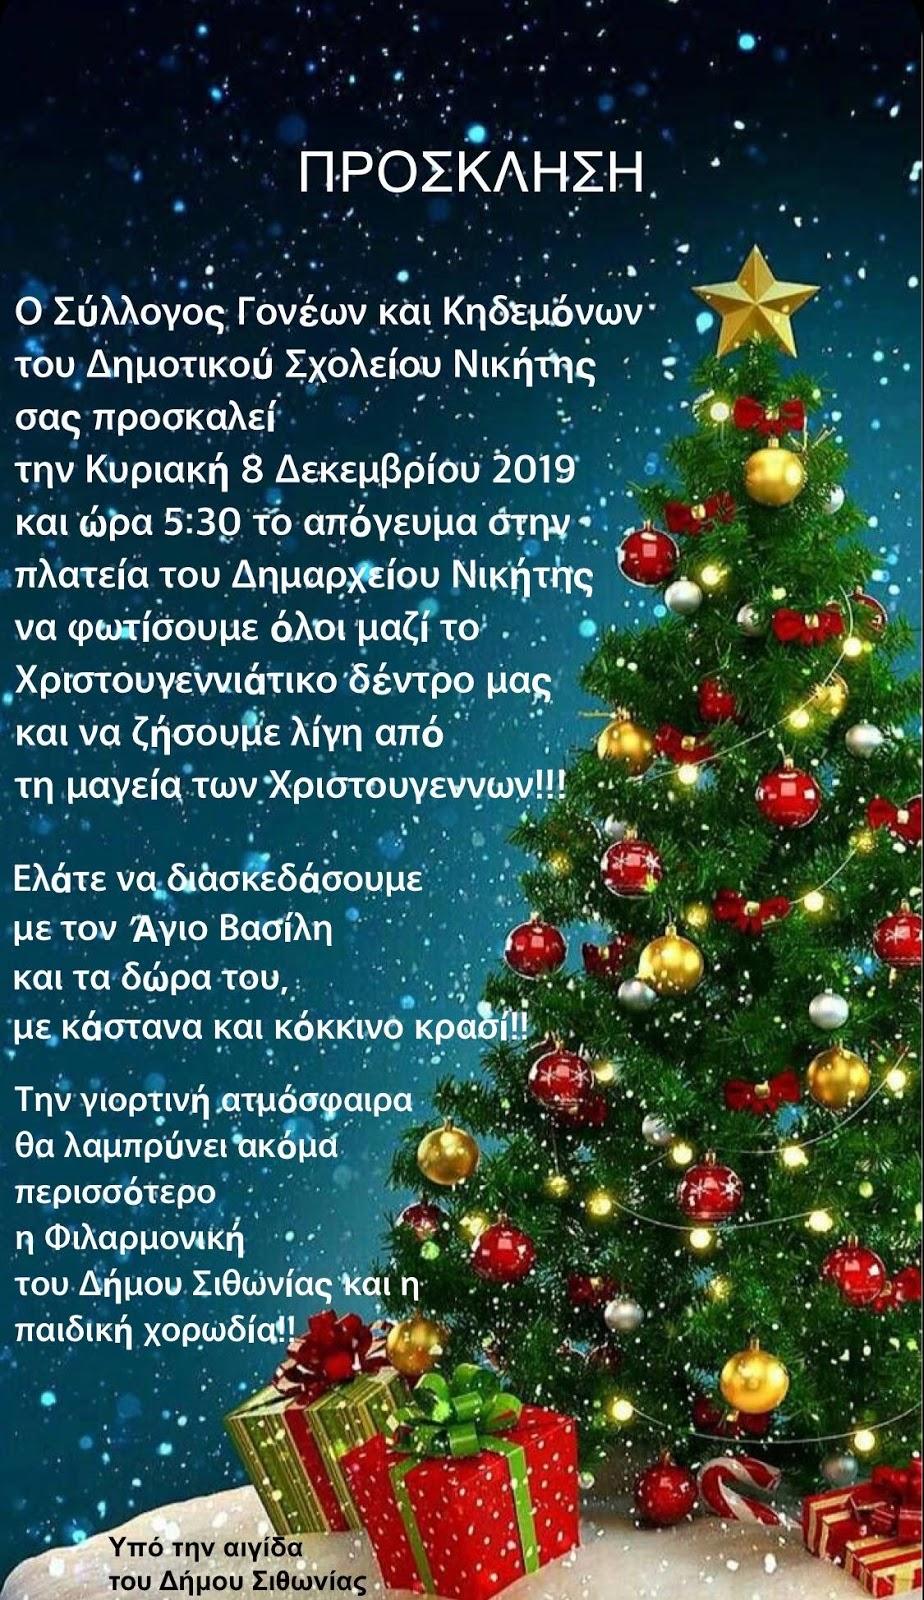 Άναμα του Χριστουγεννιάτικου Δέντρου στην Πλατεία του Δημαρχείου Νικήτης